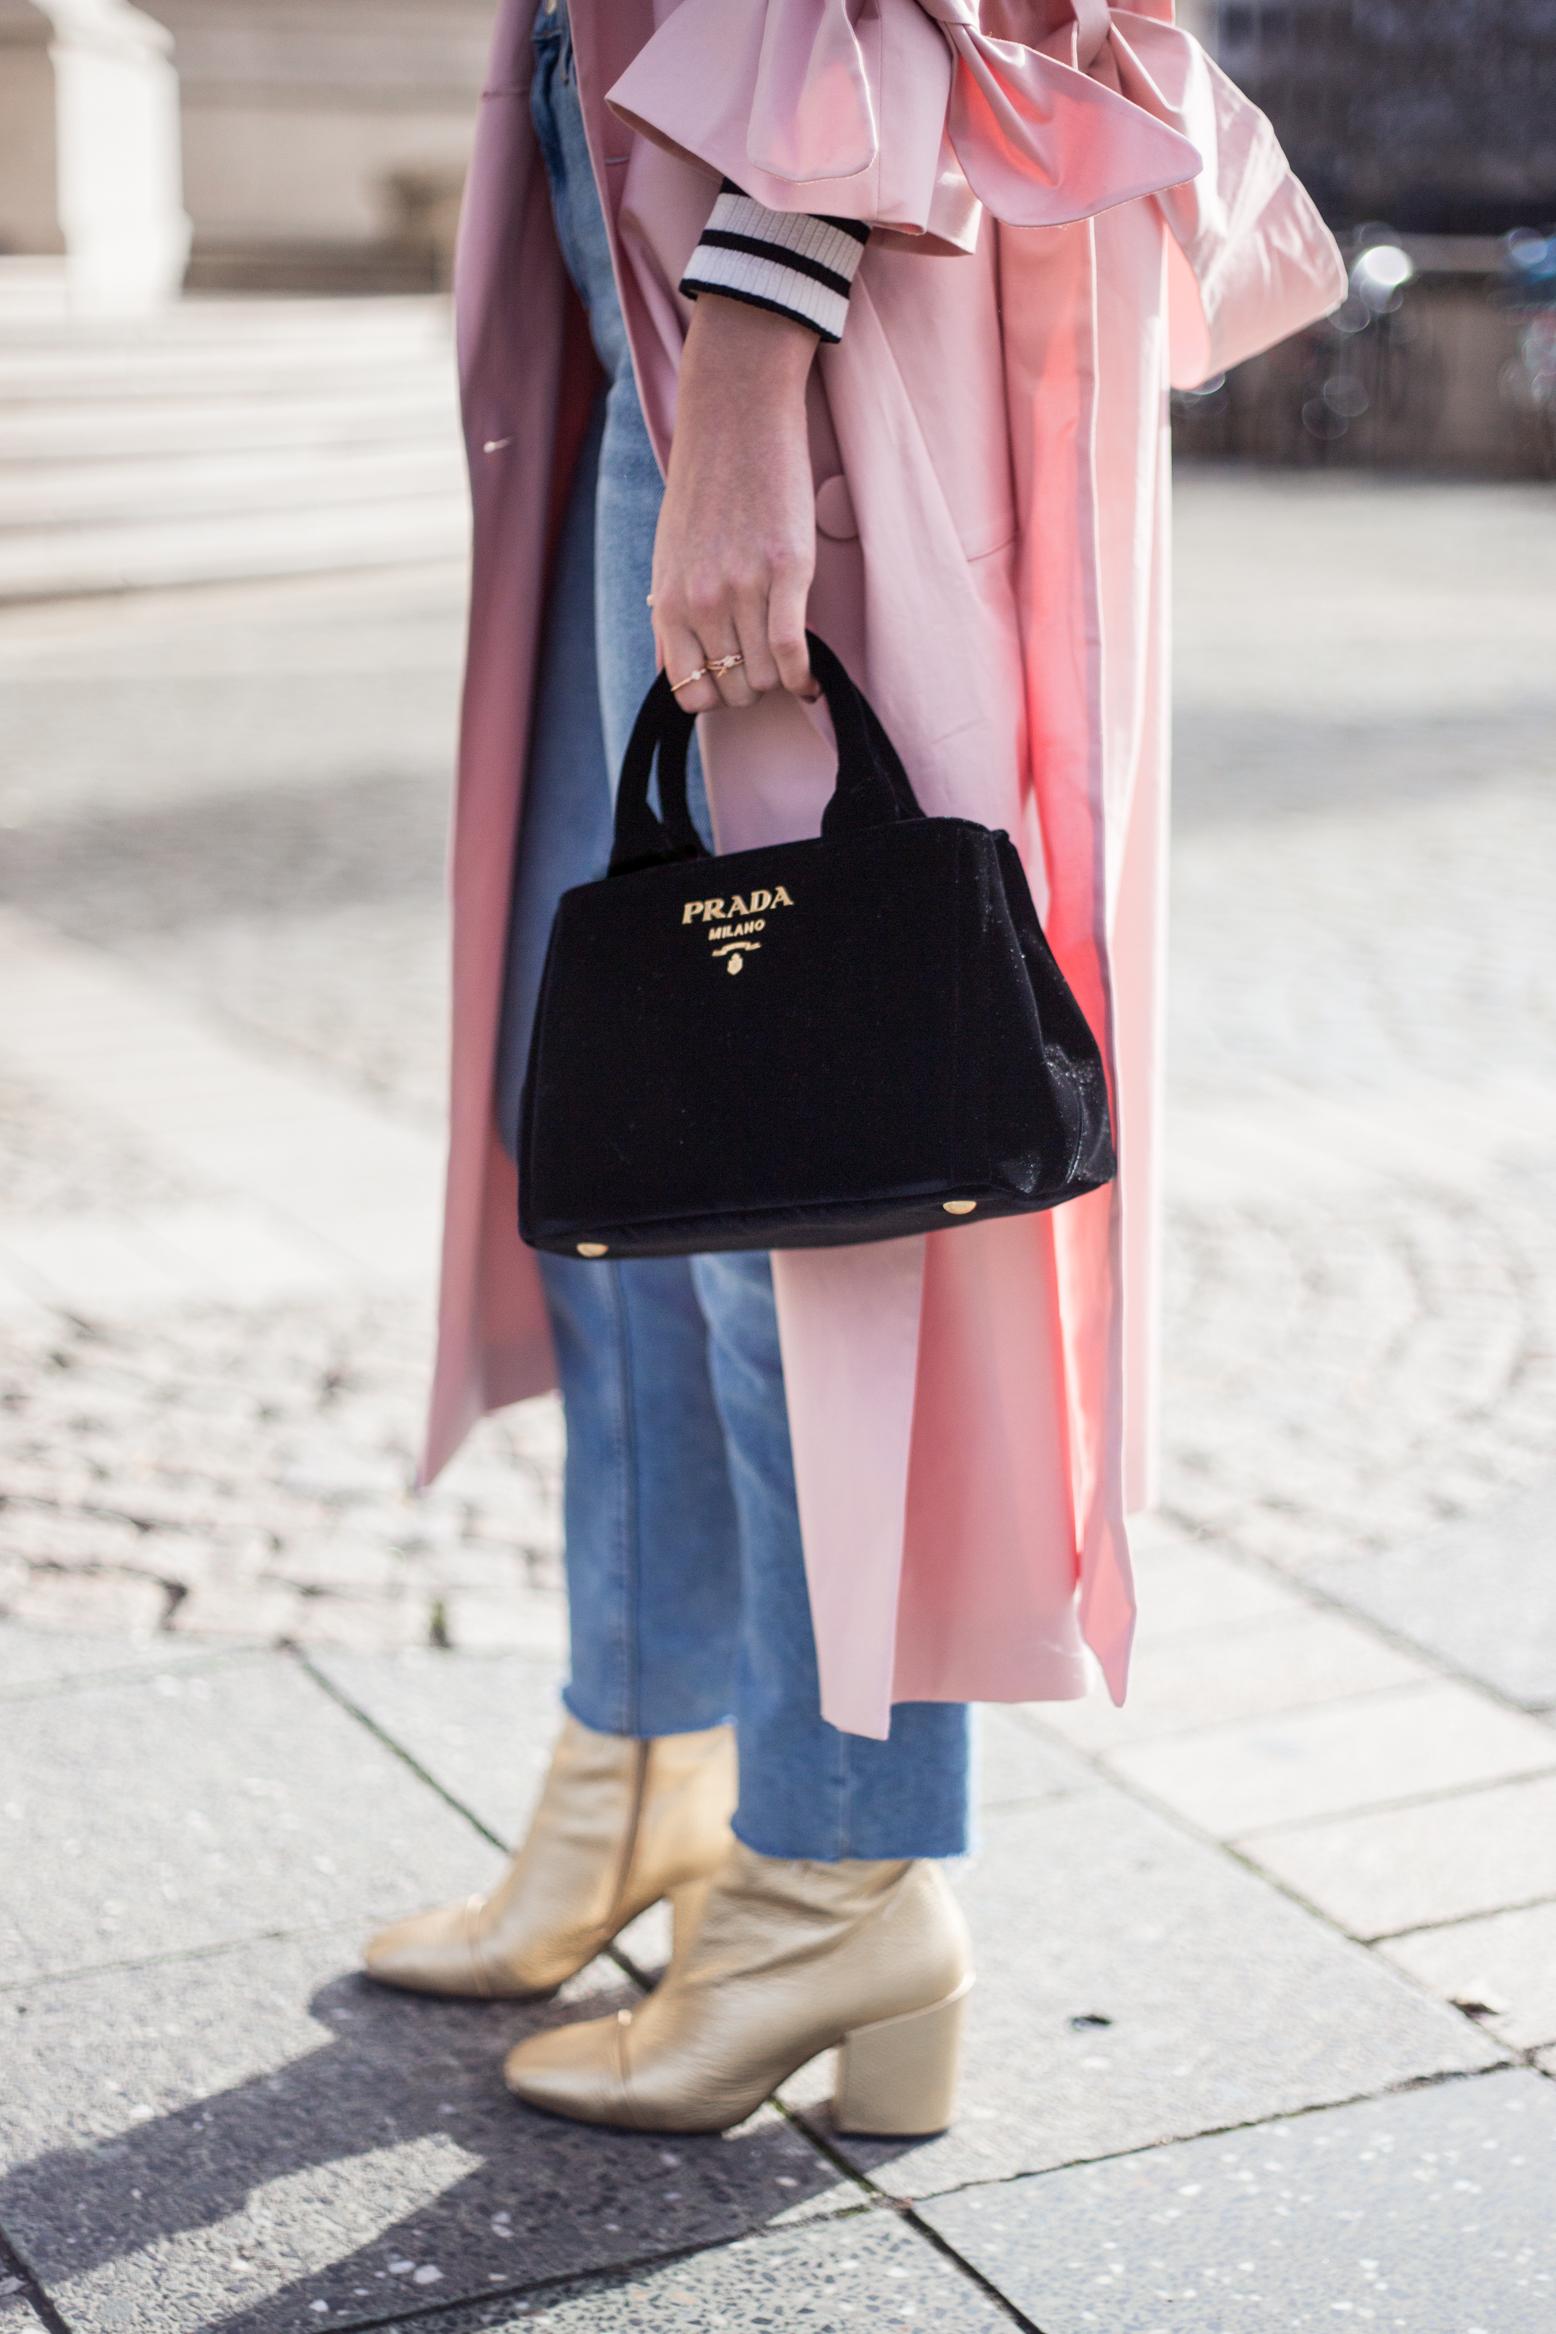 trenchcoat-outfit-prada-bag-velvet-0265